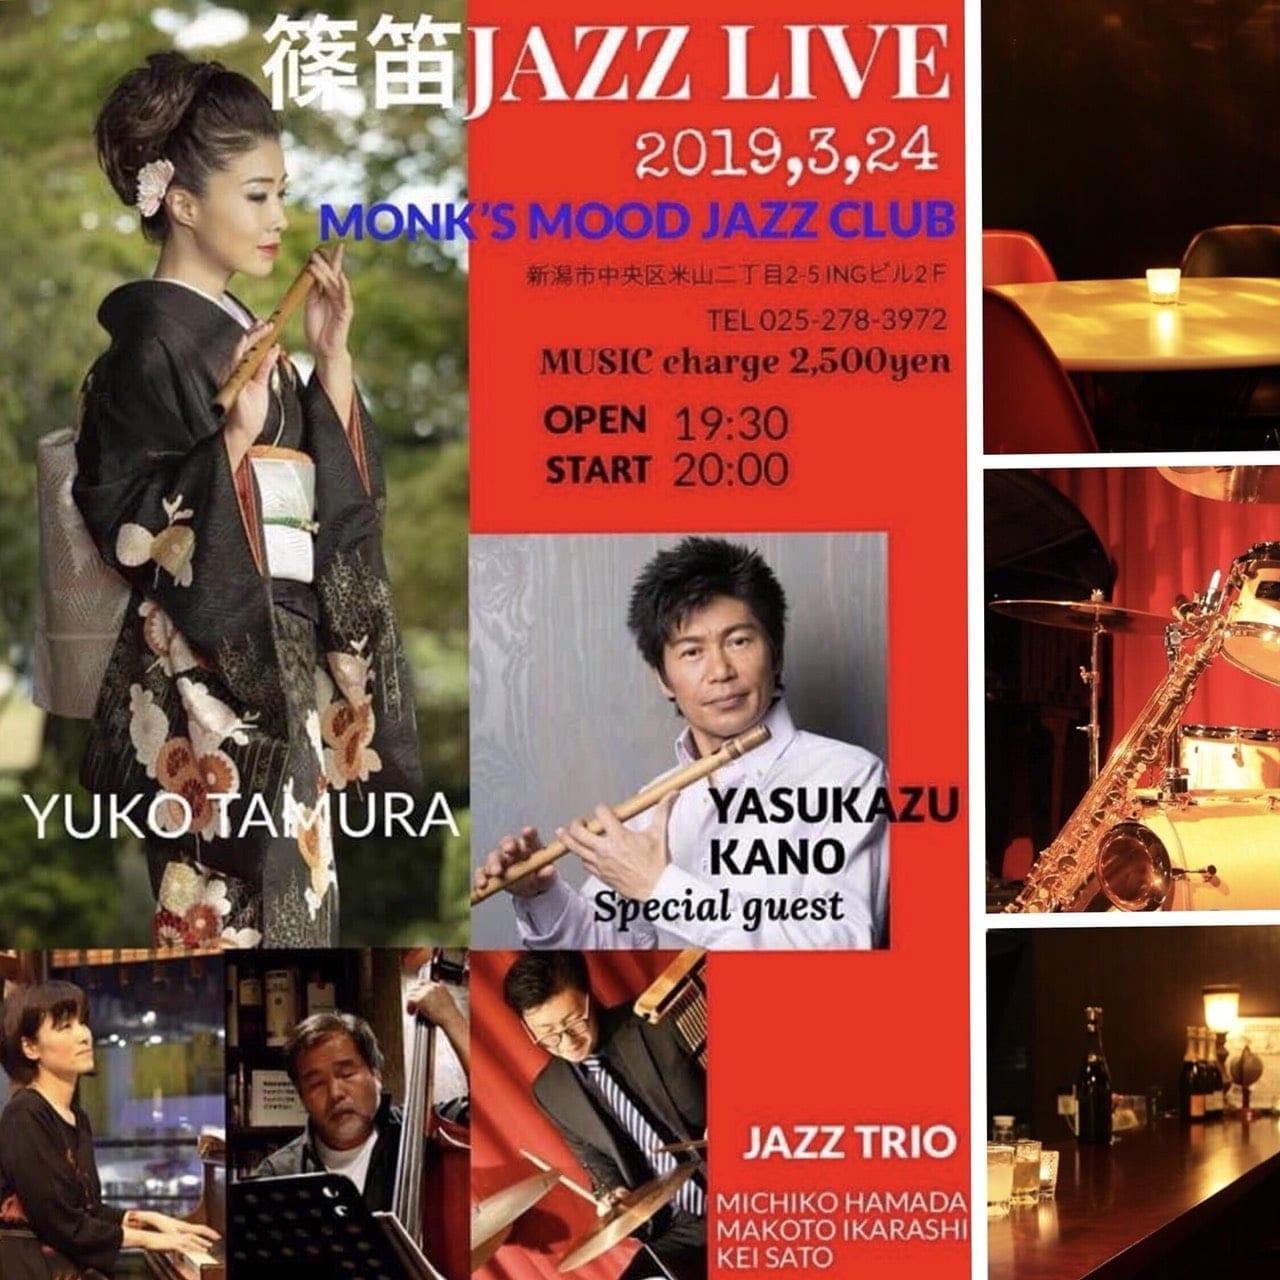 2019/3/24(日)篠笛JAZZ LIVE(MONK'S MOOD JAZZ CLUB)天城越えJAZZ/お洒落で優雅なひと時をのイメージその1